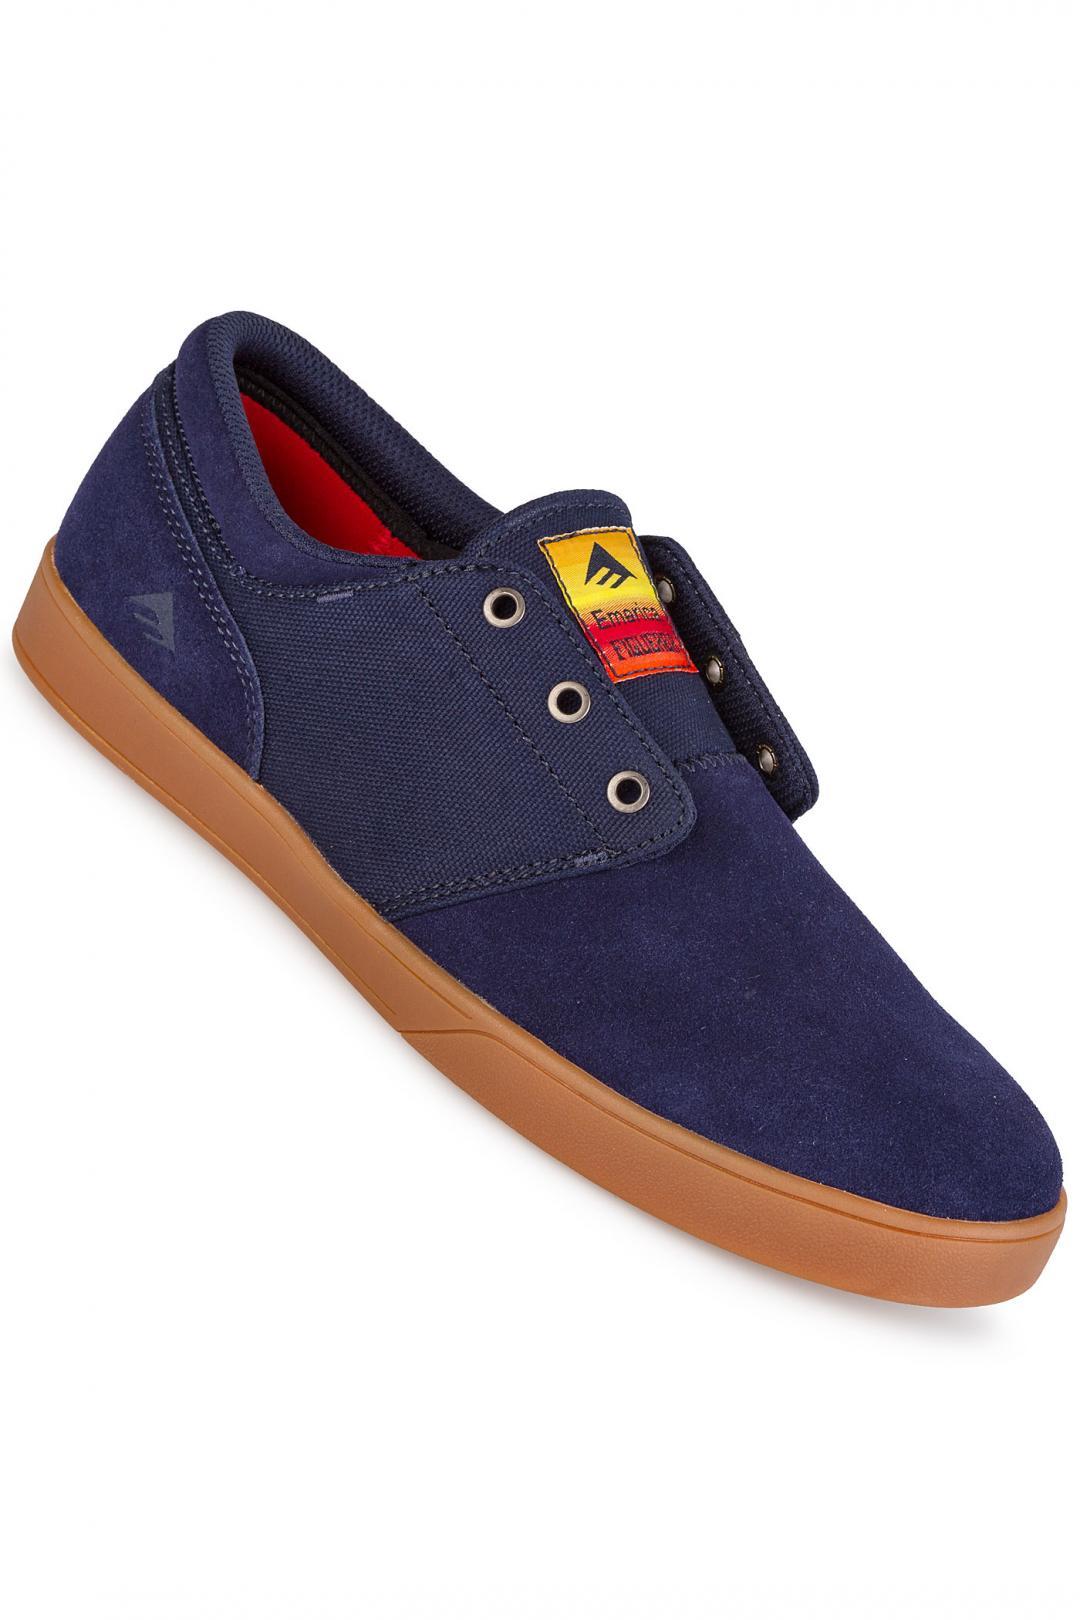 Uomo Emerica The Figueroa navy gum | Sneakers low top